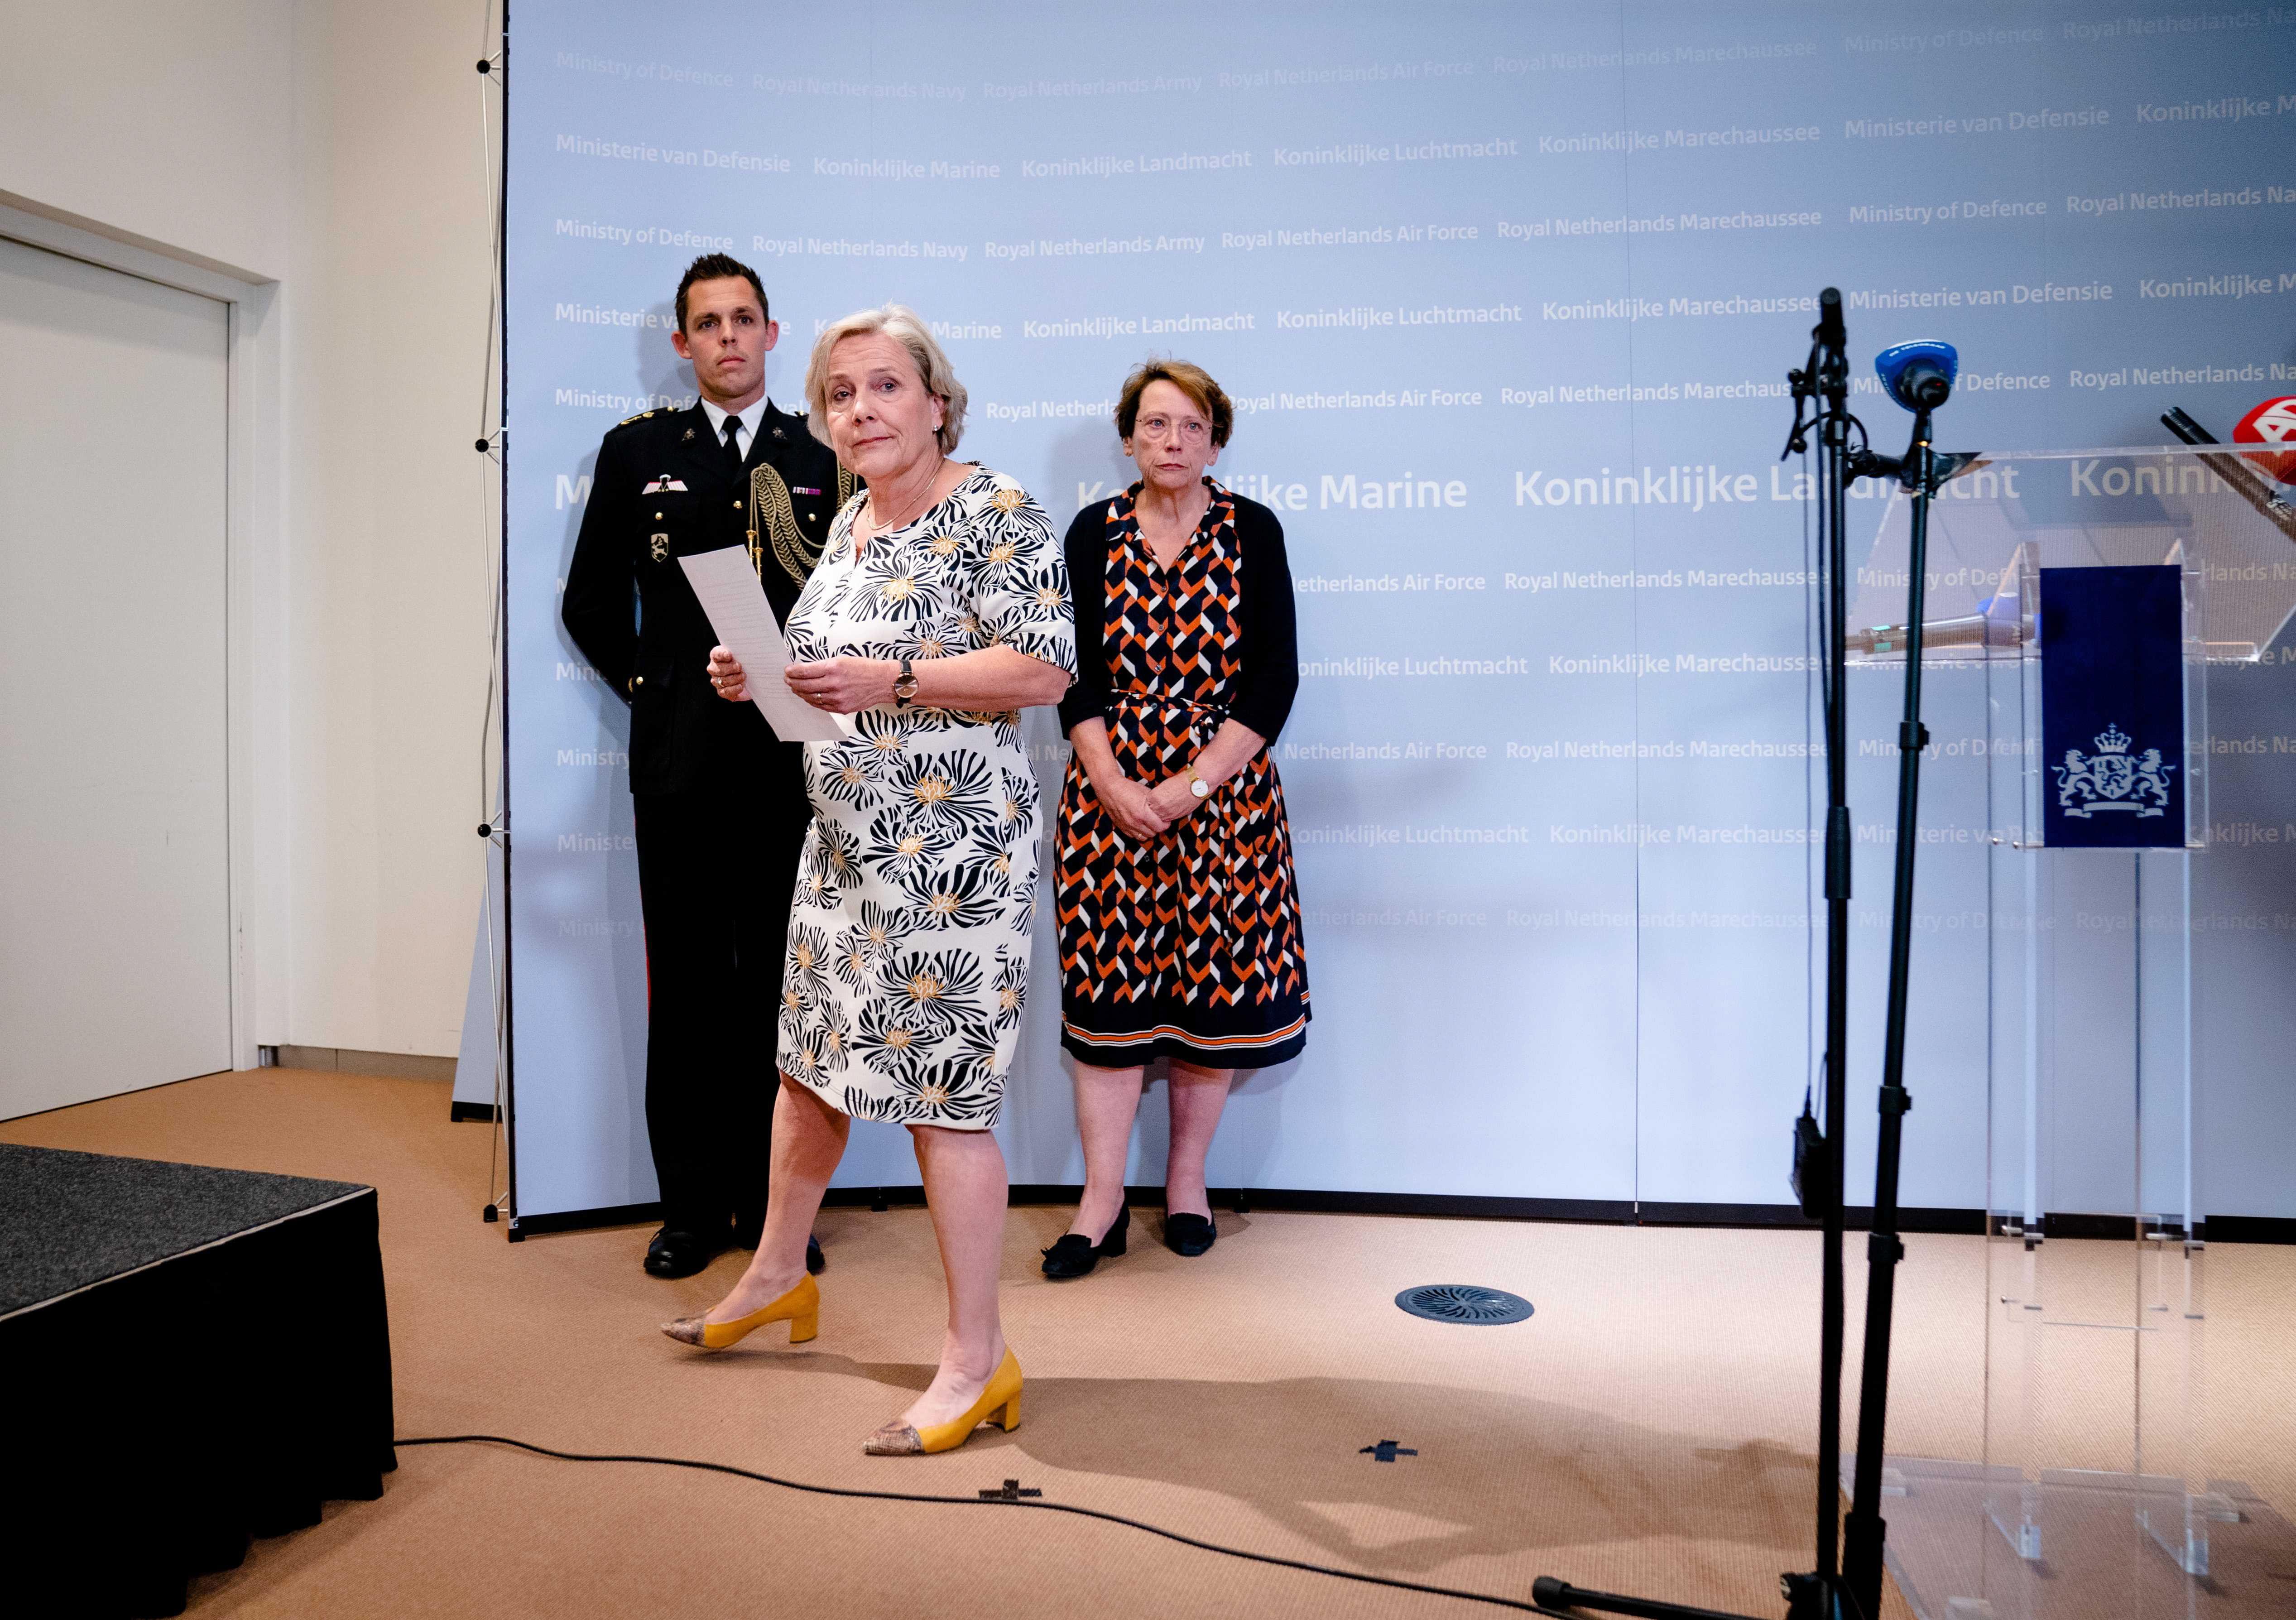 La dimisión de la ministra de Defensa agrava la crisis en Países Bajos por las evacuaciones de Afganistán